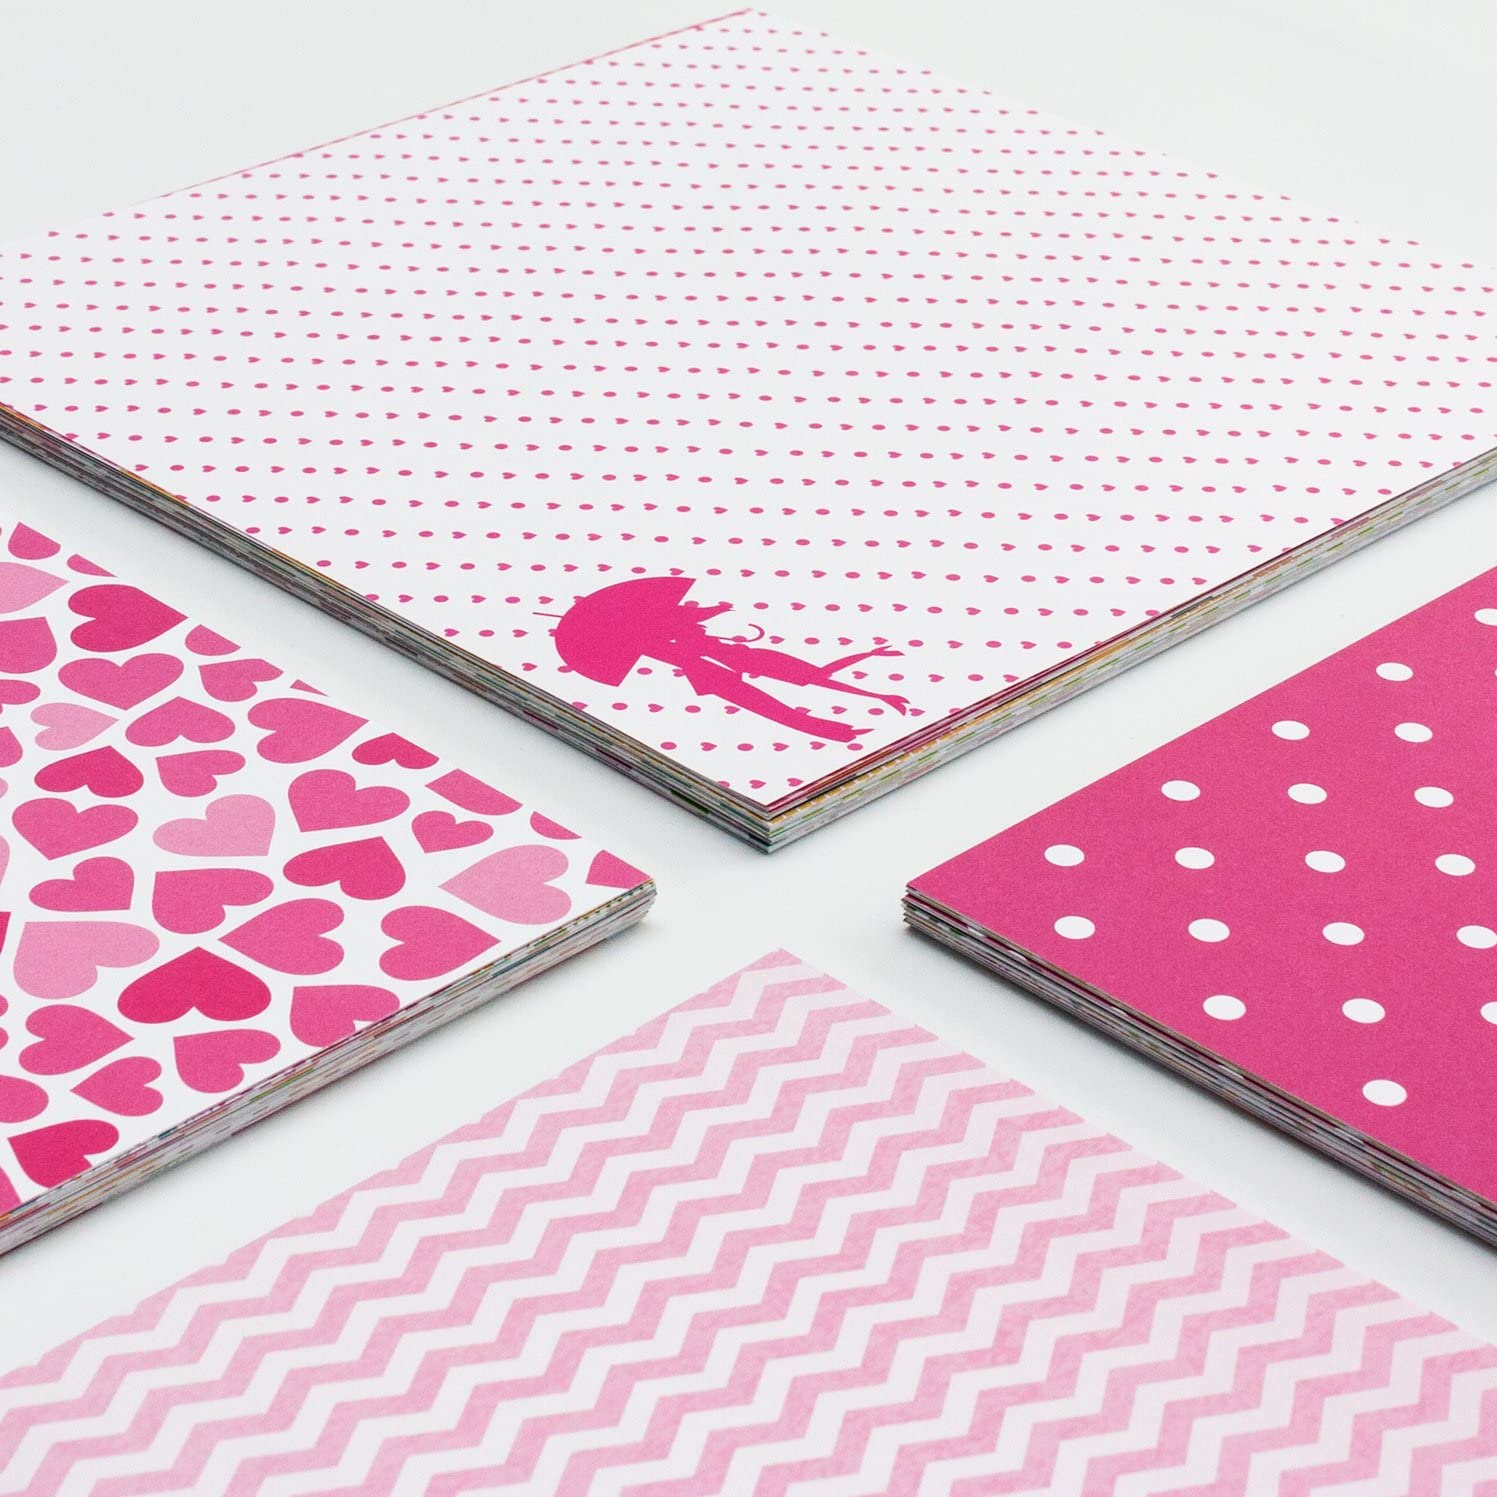 Scrapbook Album 10x10 with 40 Sheet Love Themed Scrapbook Paper Love Words